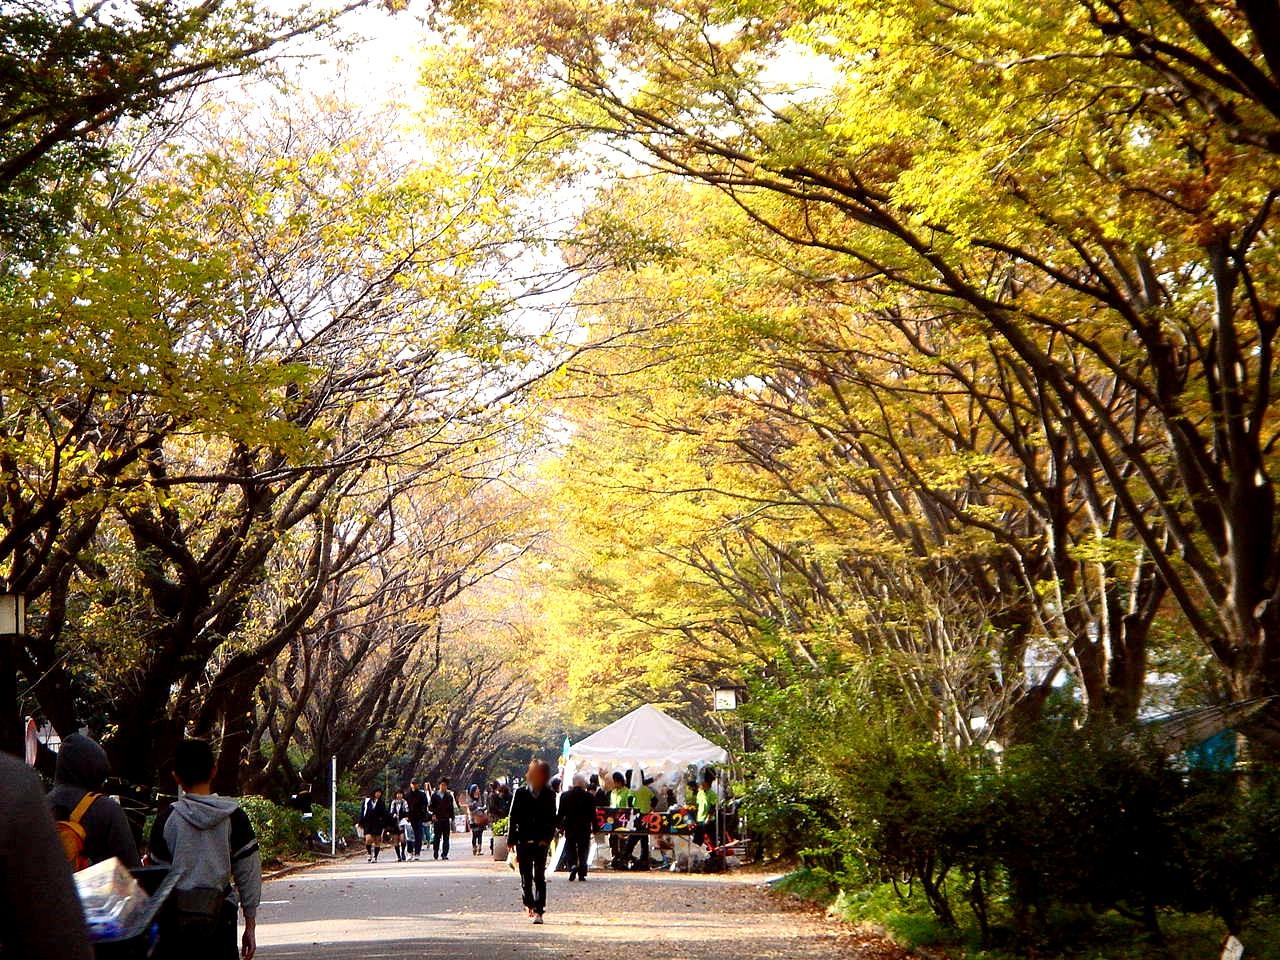 千葉大学偏差値(千葉大)2020・2021年 学部別一覧に関するページです。